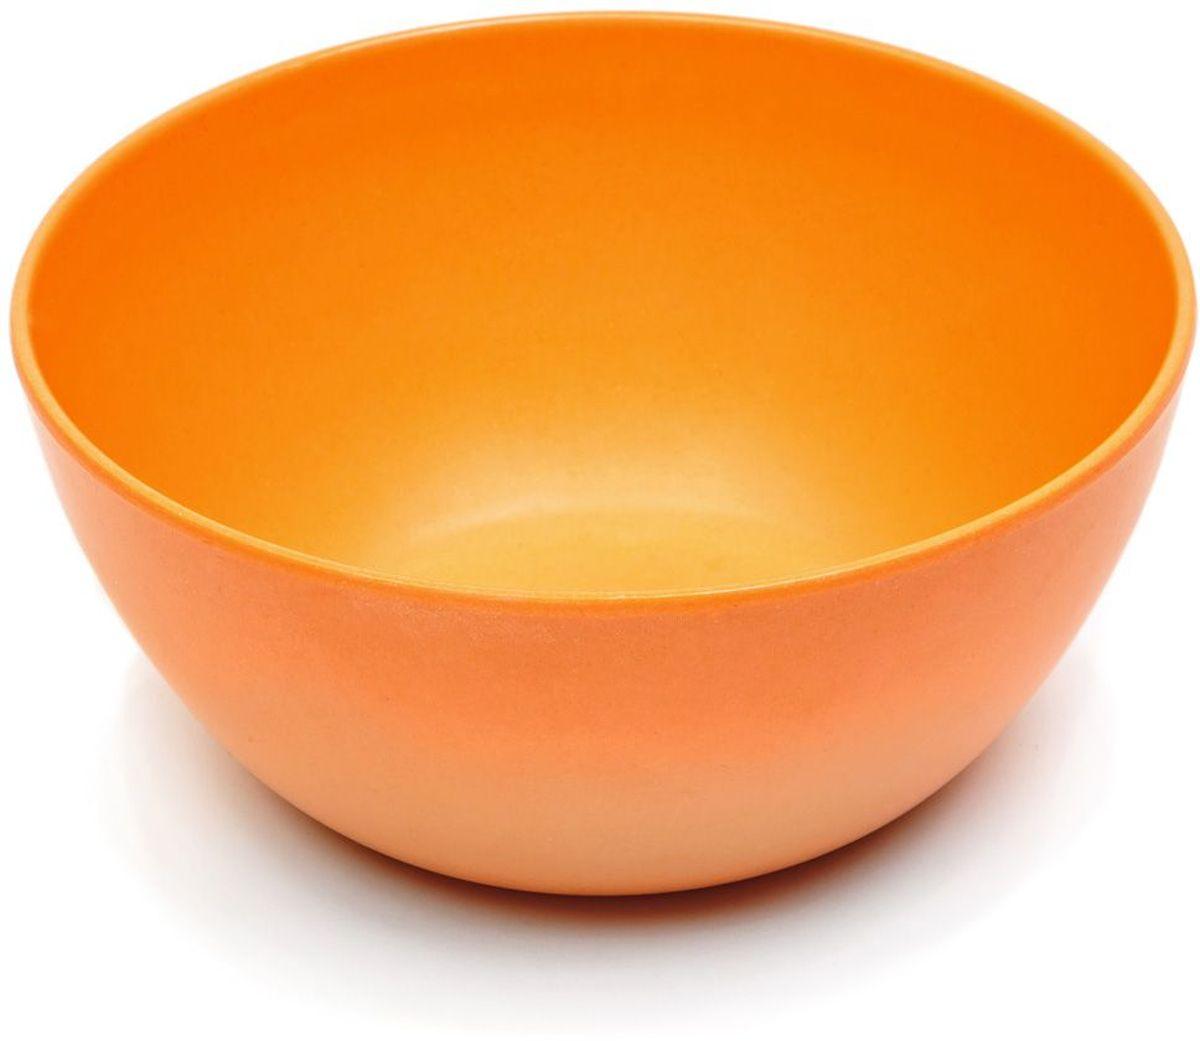 Тарелка глубокая MOULINvilla, цвет: оранжевый, диаметр 16 смTSF-22-OМиска глубокая MOULINvilla изготовлена из природного бамбука, очищенного от вредных примесей. Для окраски используются натуральные пищевые красители. Бамбук, сам по себе, является природным антисептиком. Эта уникальная особенность посуды гарантирует безопасность при эксплуатации и хранении различных видов пищевой продукции. Можно мыть в посудомоечной машине. Можно использовать в СВЧ печах на короткое время.